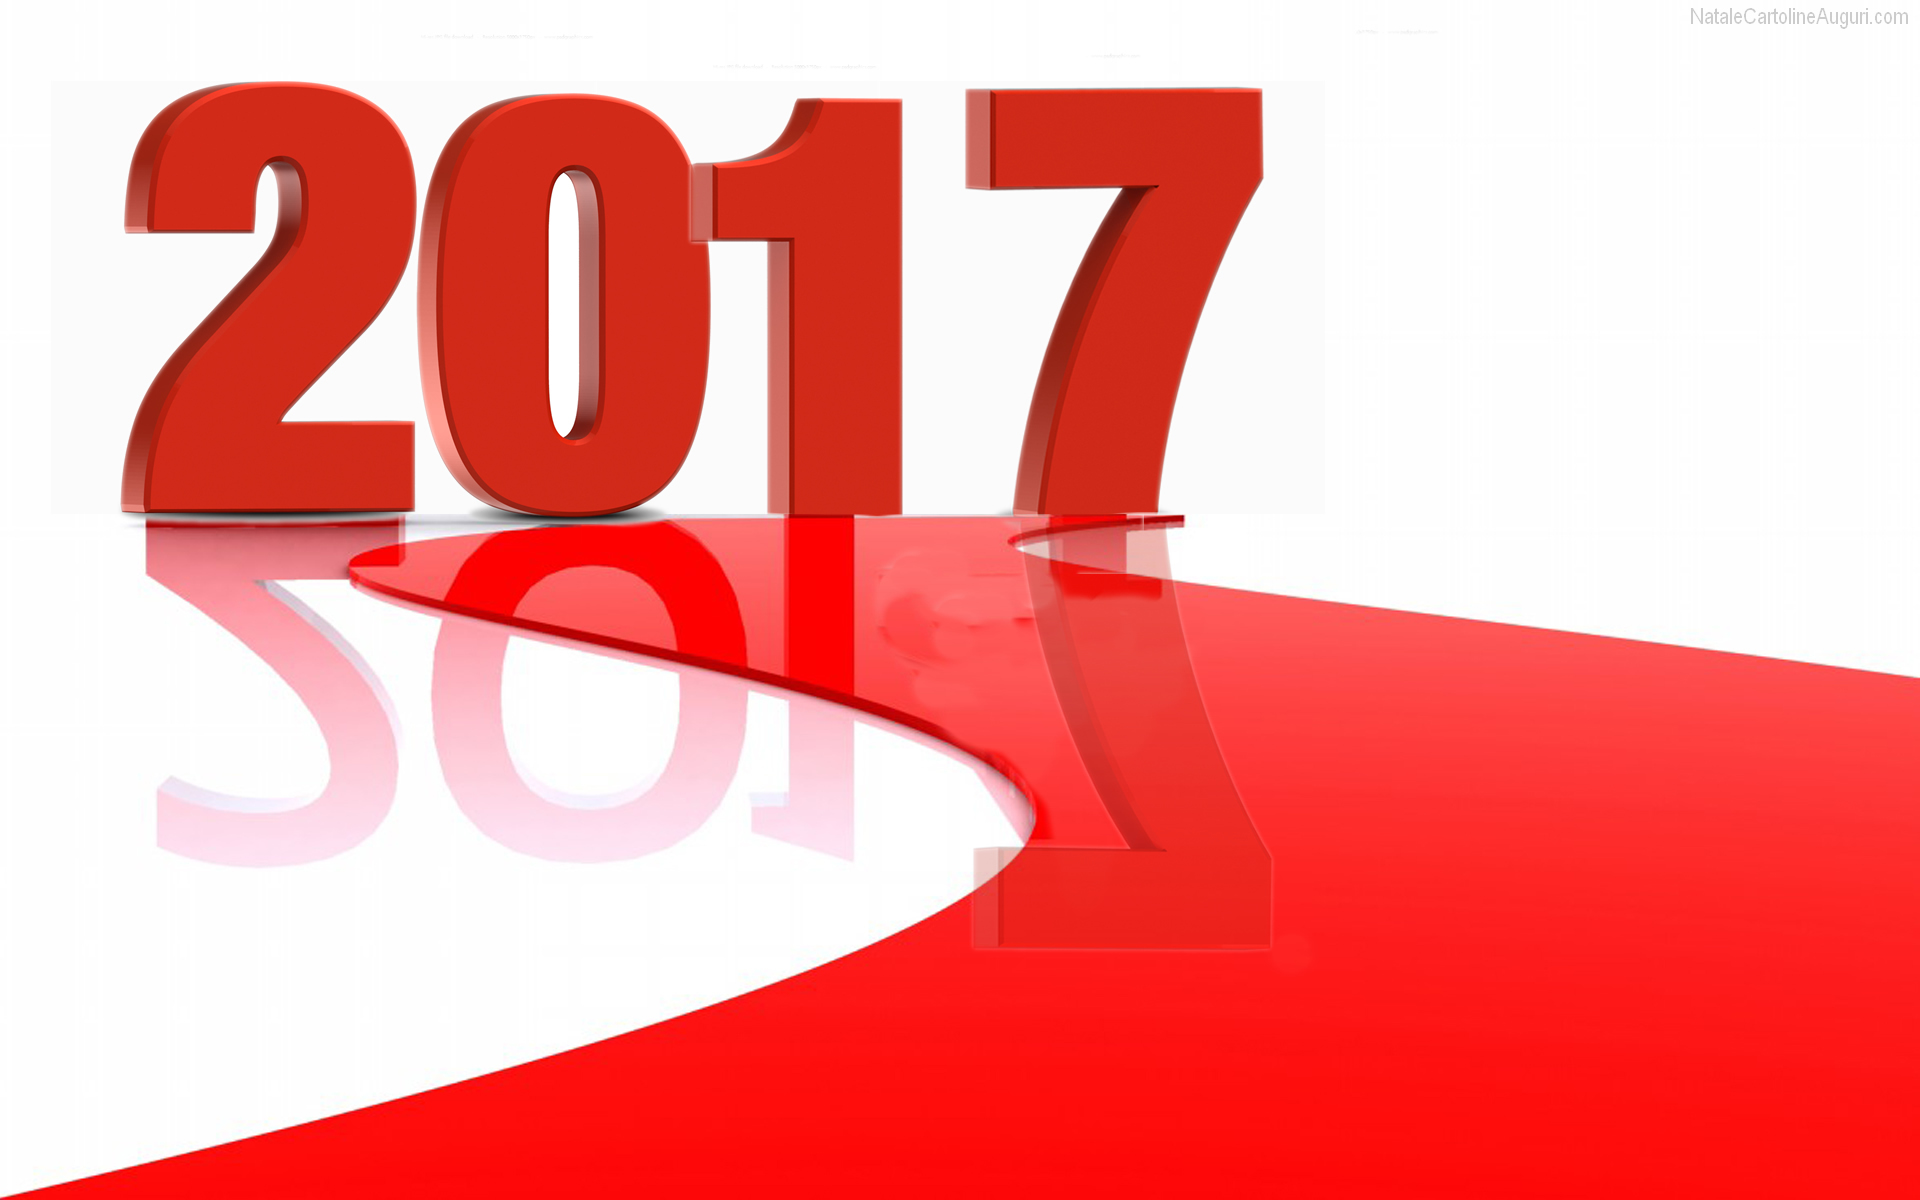 2017 Happy New Year Celebration Image 28826